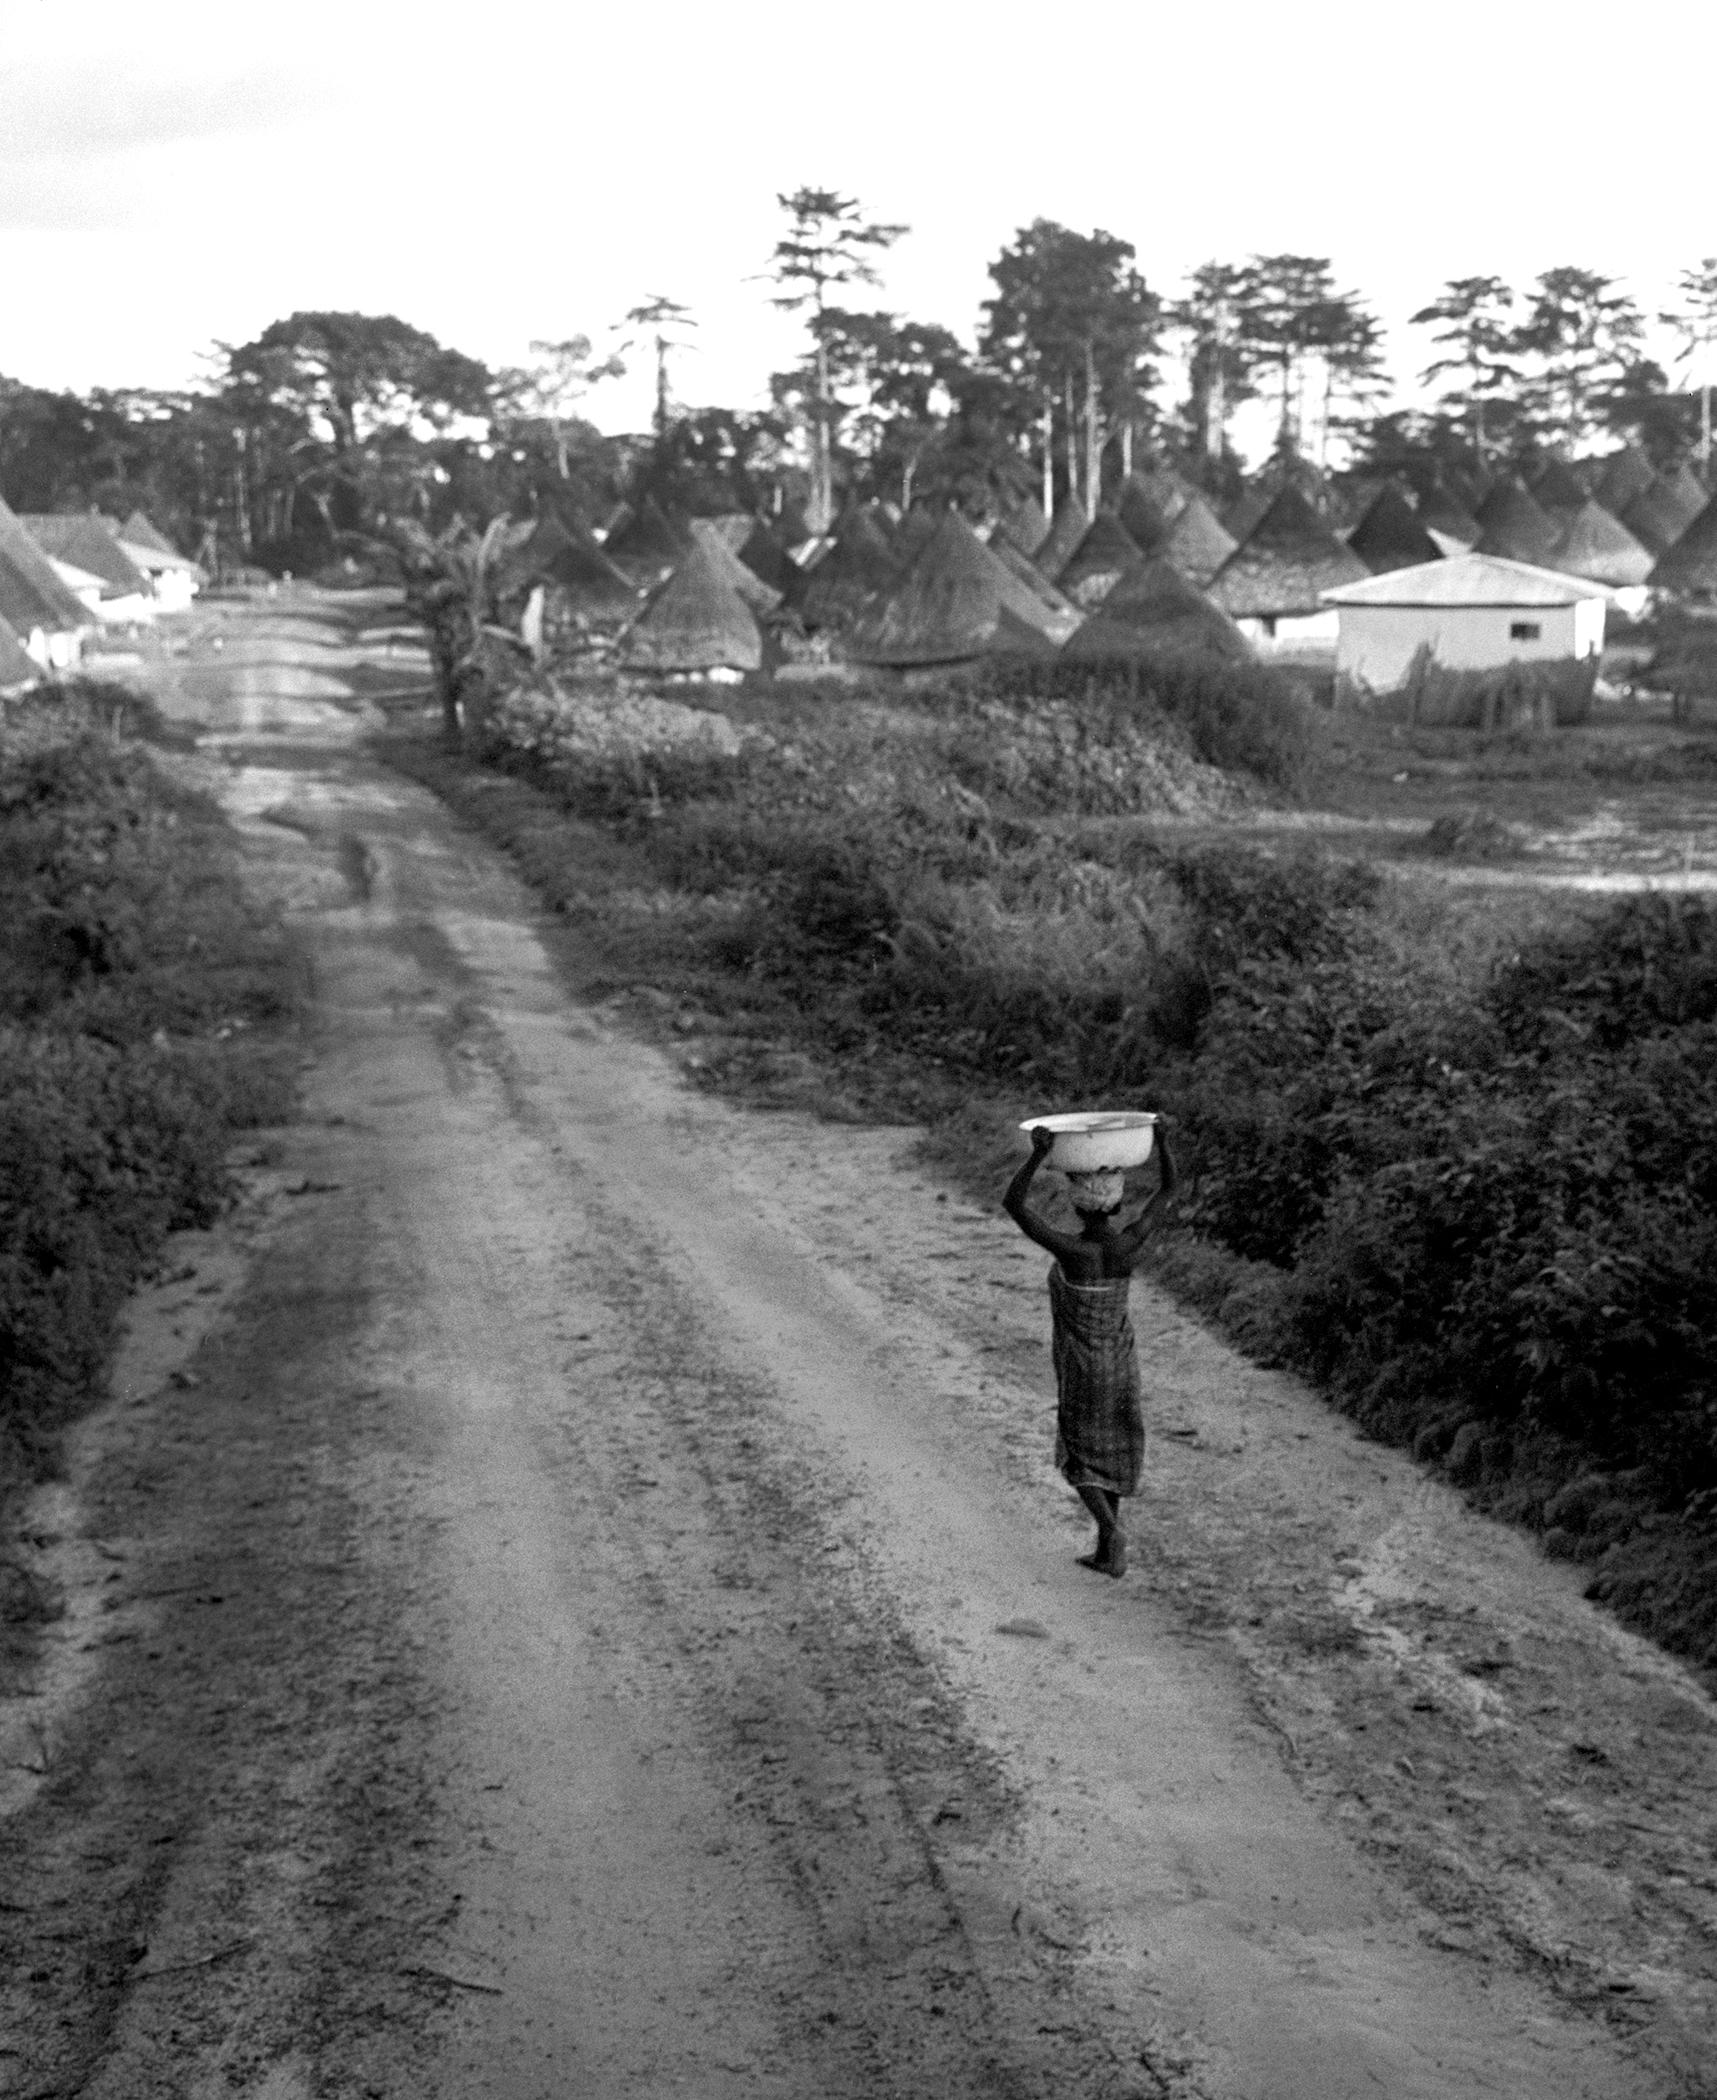 LONG ROAD - 1964